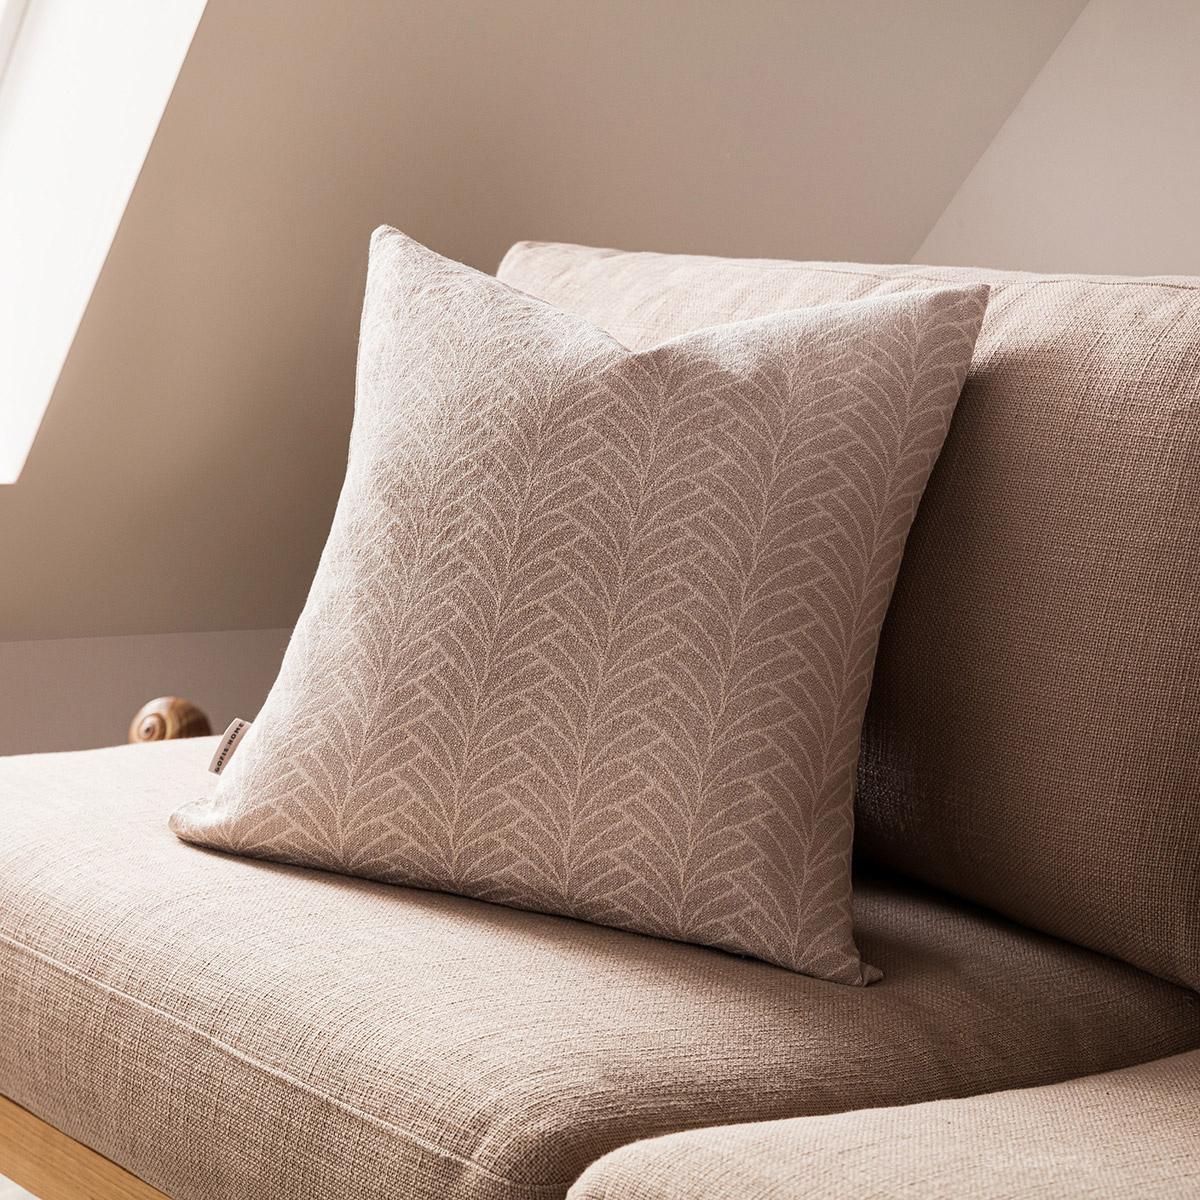 Διακοσμητική Μαξιλαροθήκη (50×50) Gofis Home Seashell Beige 223/06